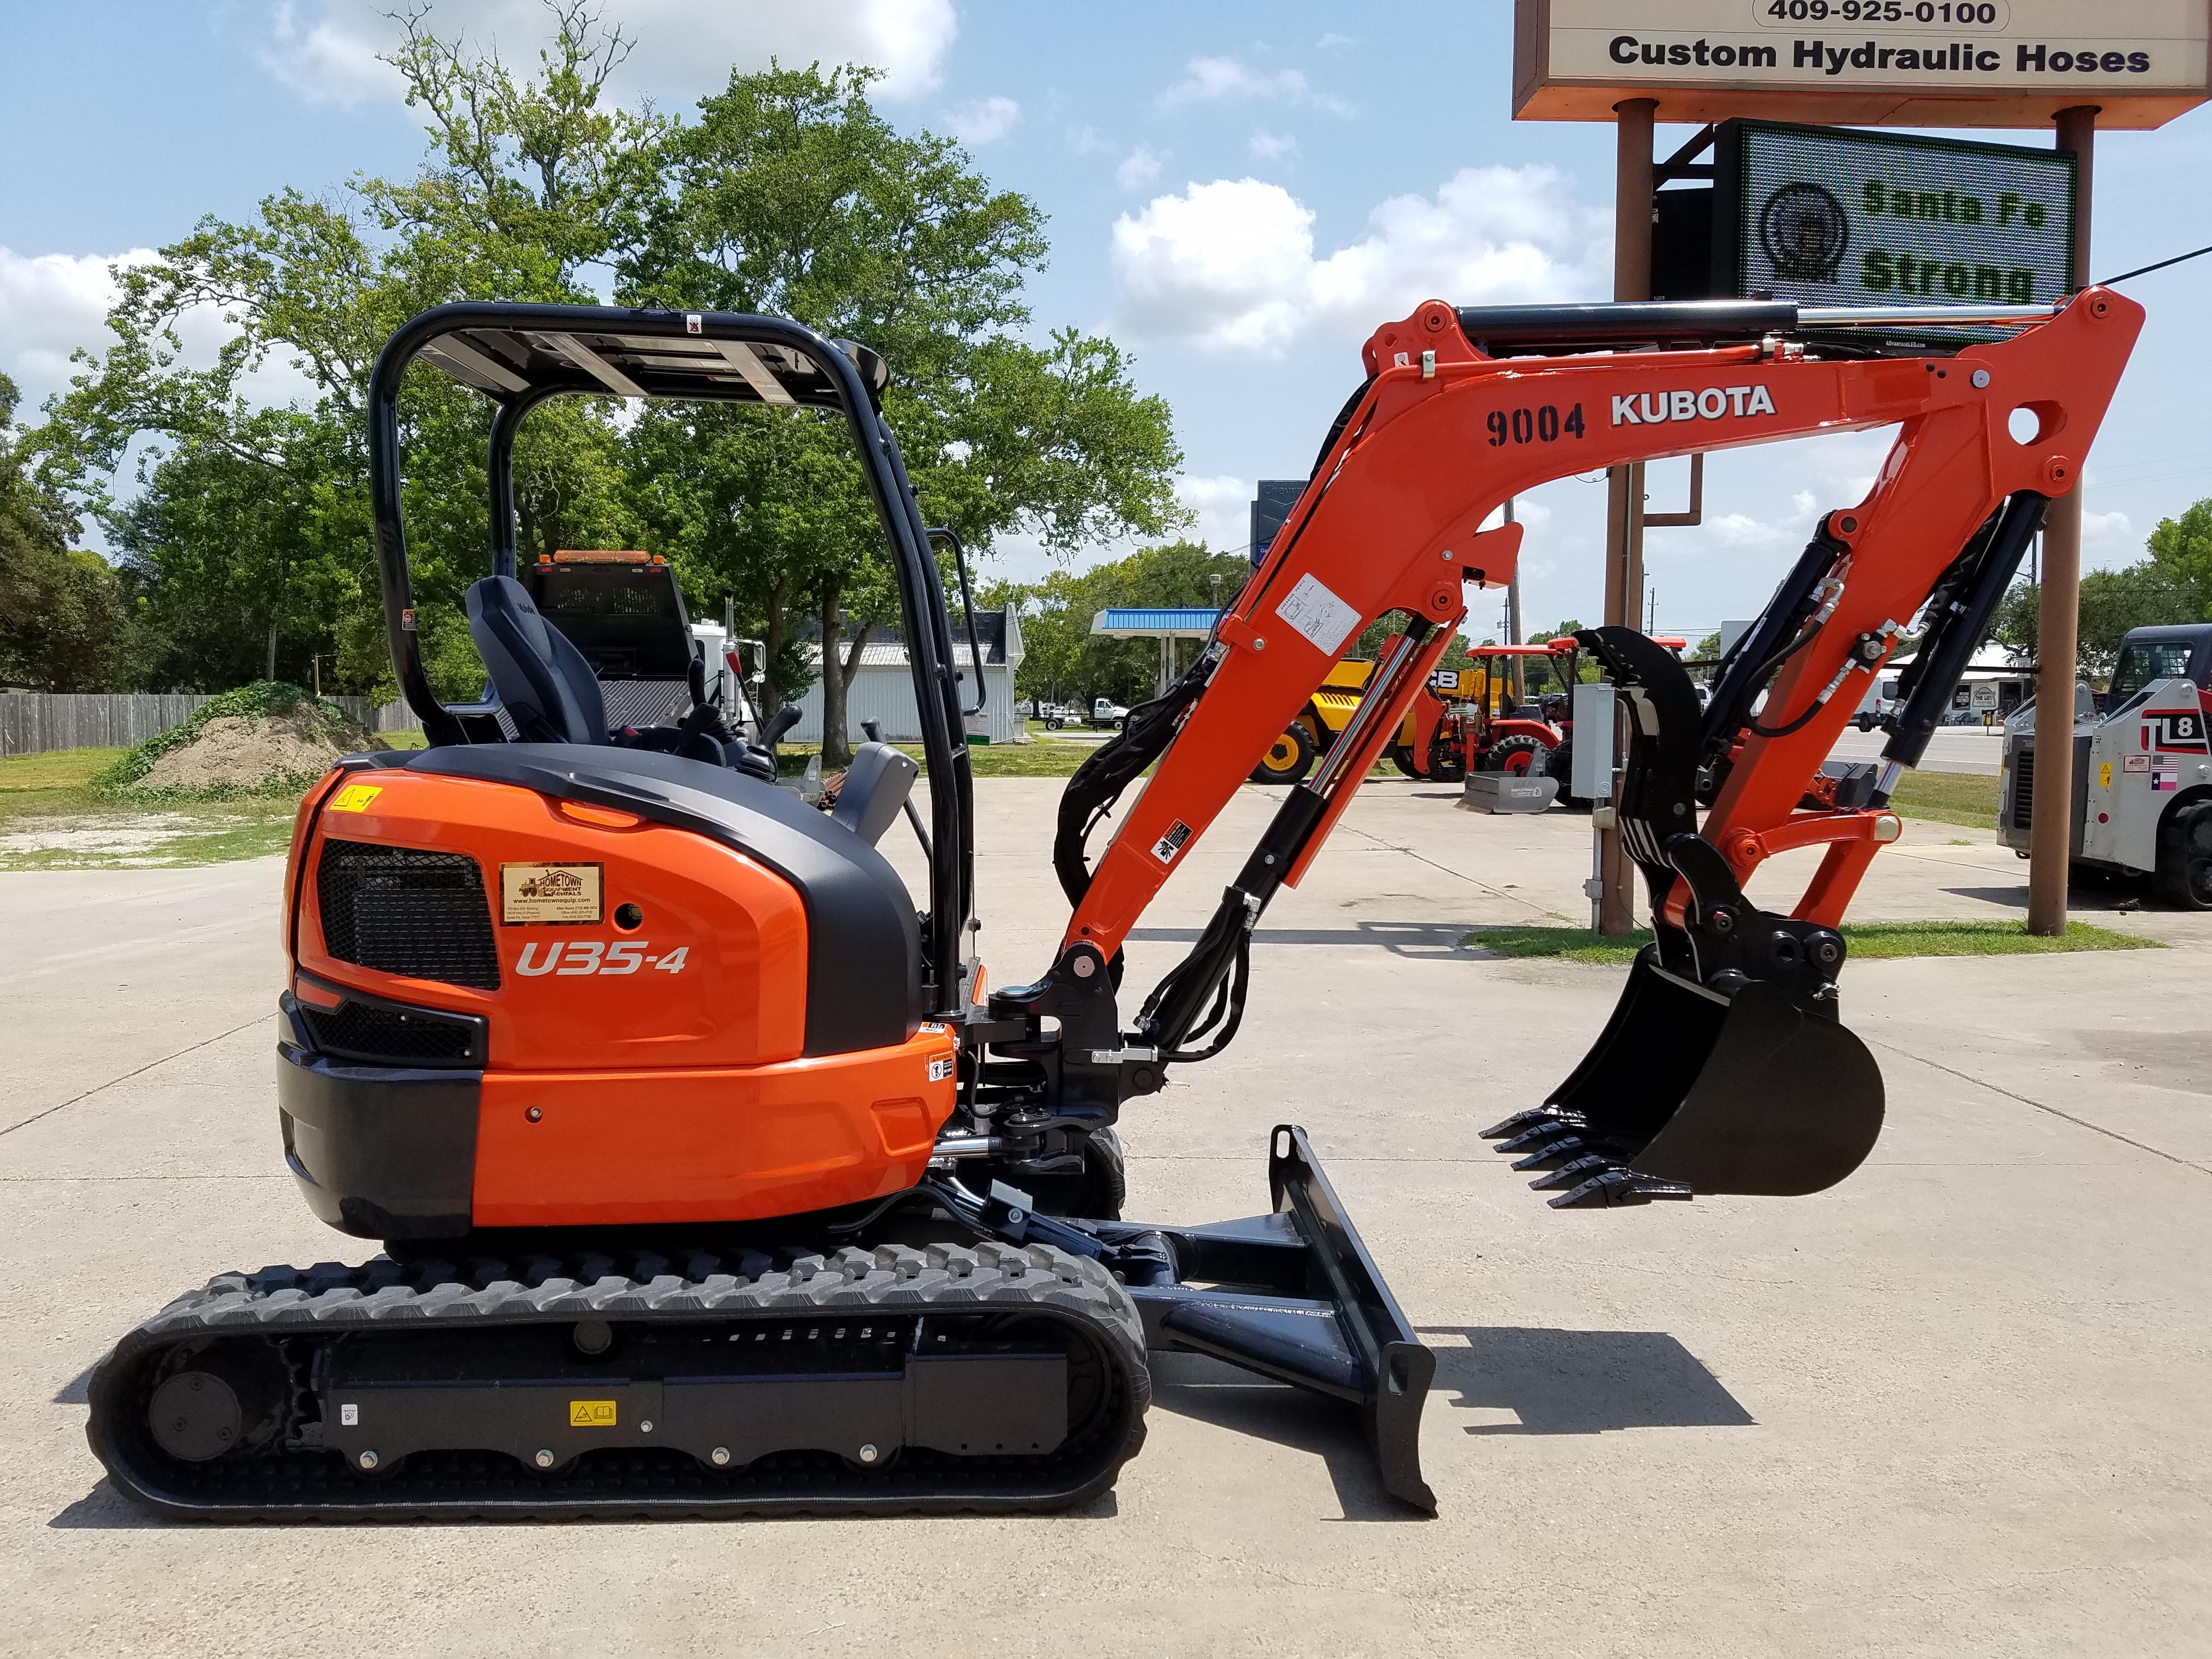 Excavators For Rent, Santa Fe TX  serving Alvin Tx & Galveston